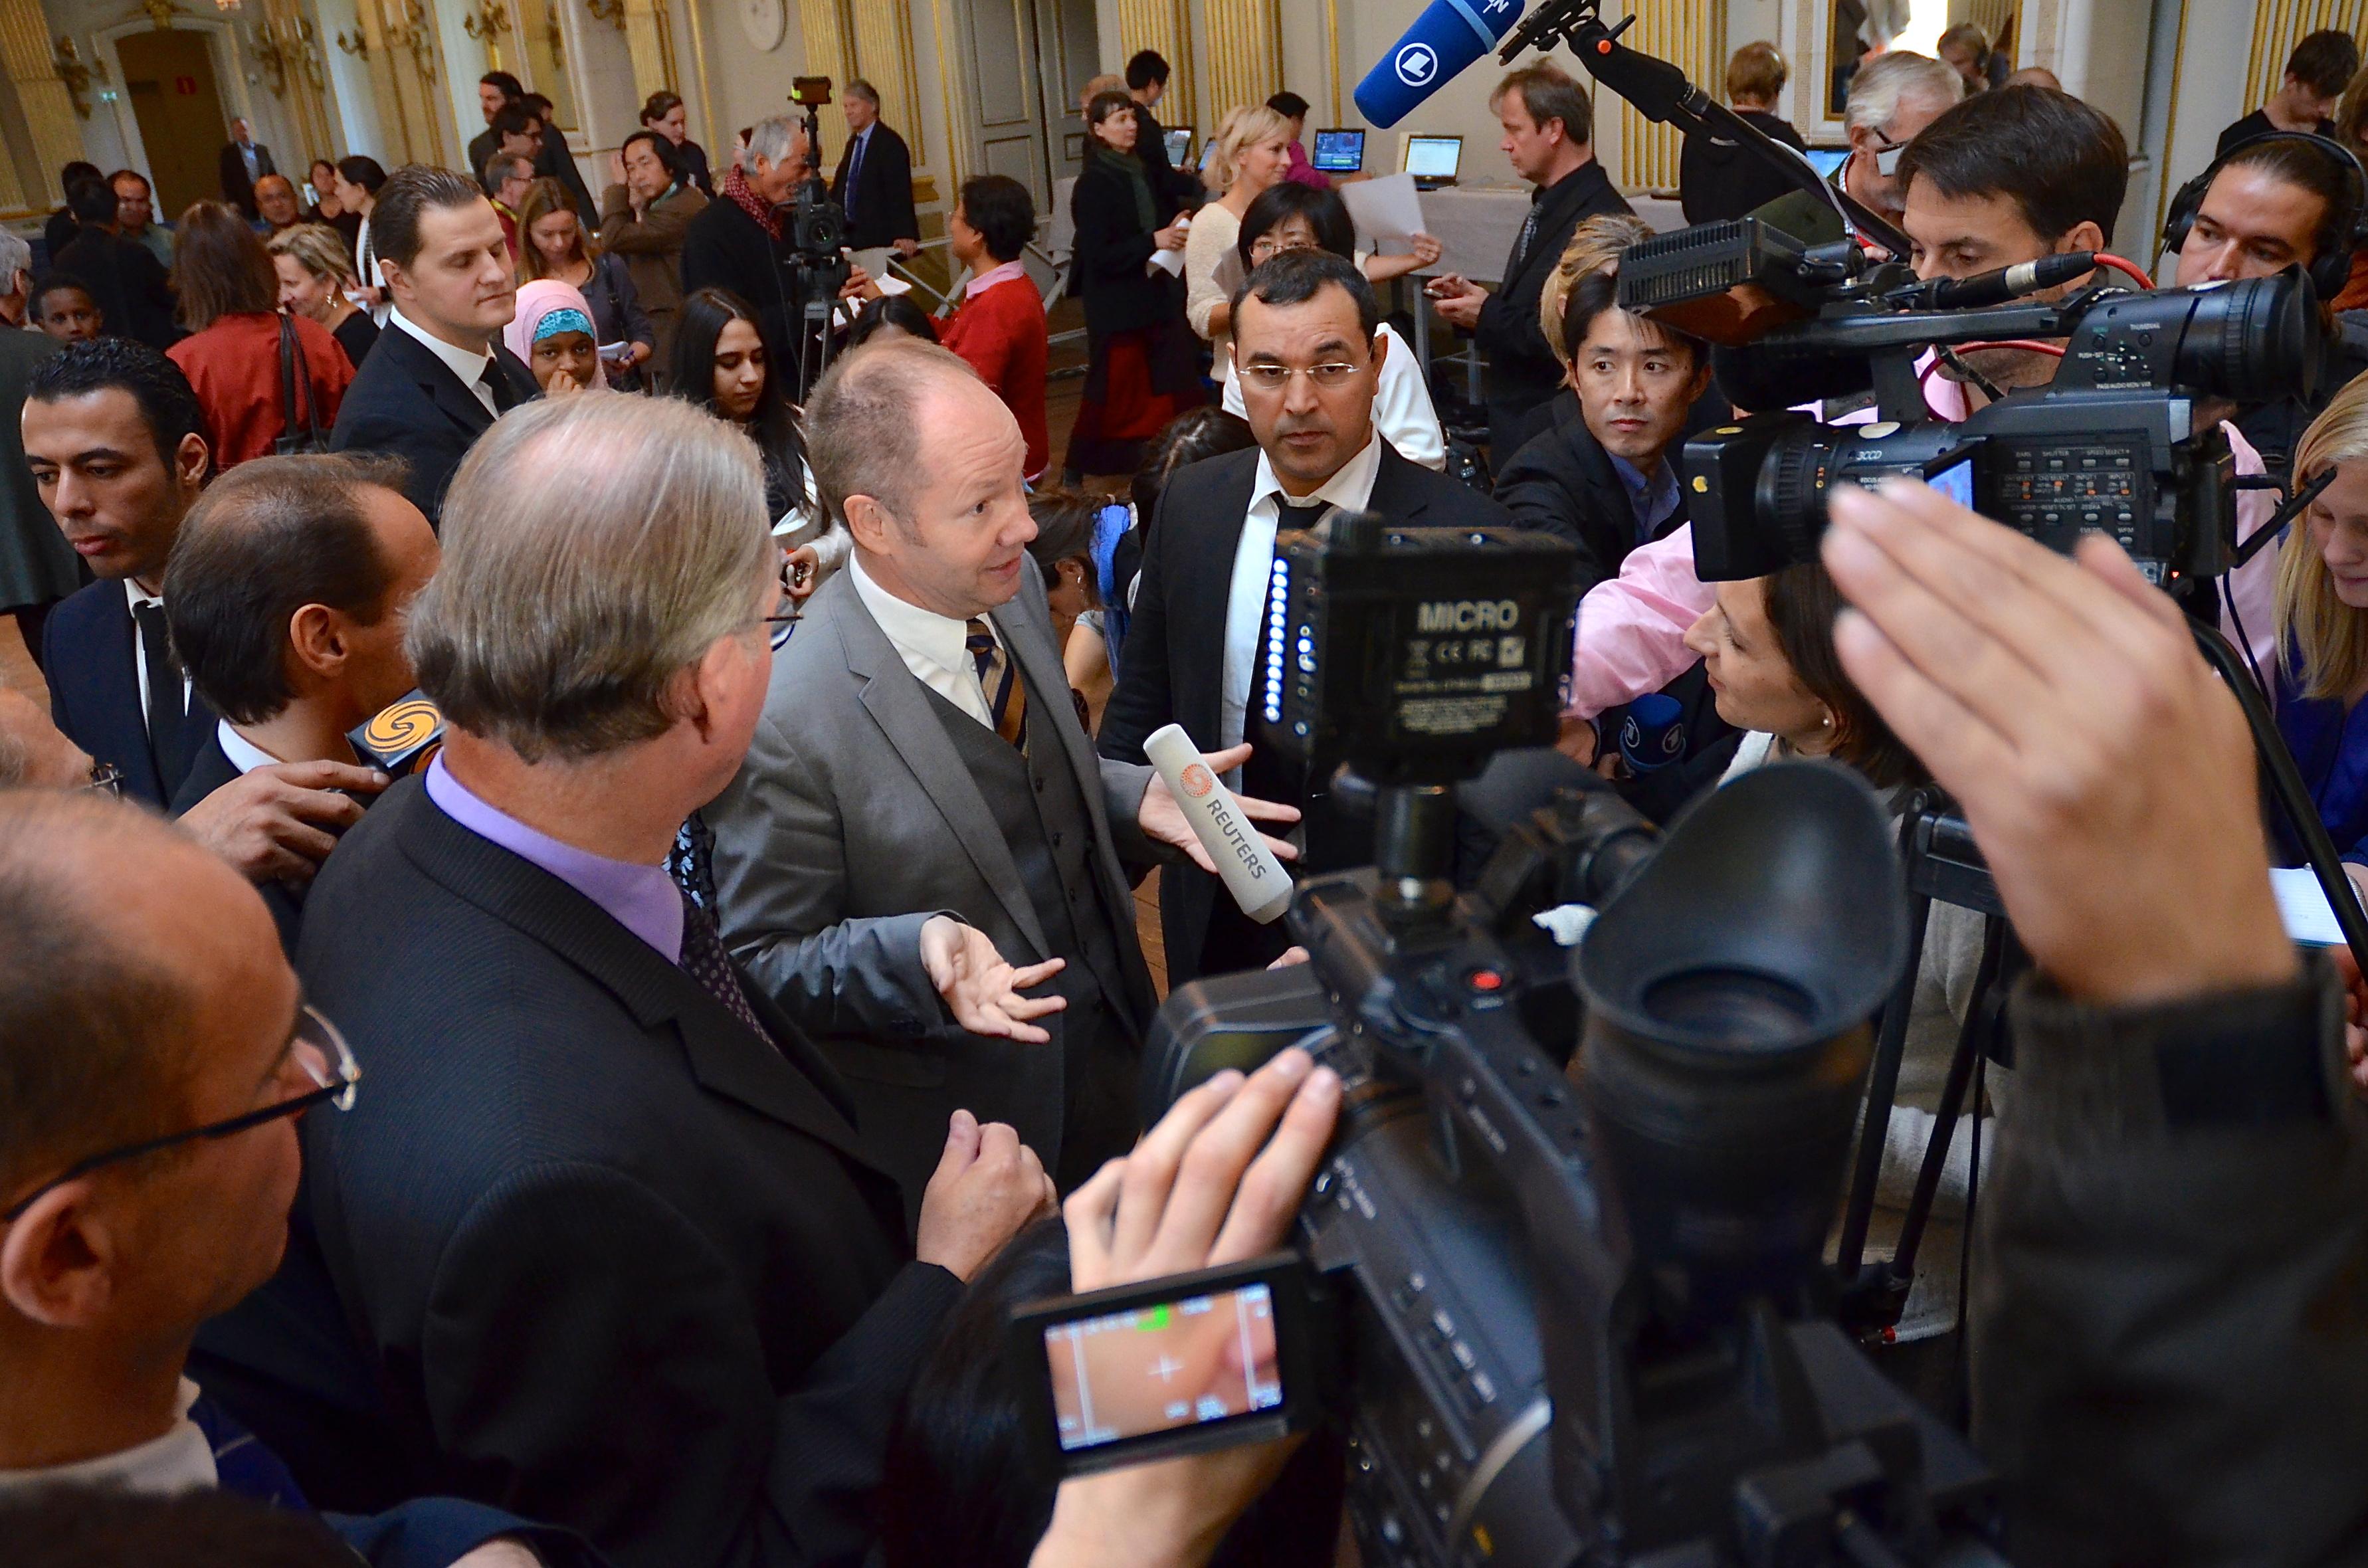 Medienspektakel: Peter Englund verkündet den Literaturnobelpreisträger 2012. Foto: Frankie Foughantin, CC BY-SA 3.0 (http://creativecommons.org/licenses/by-sa/3.0/)